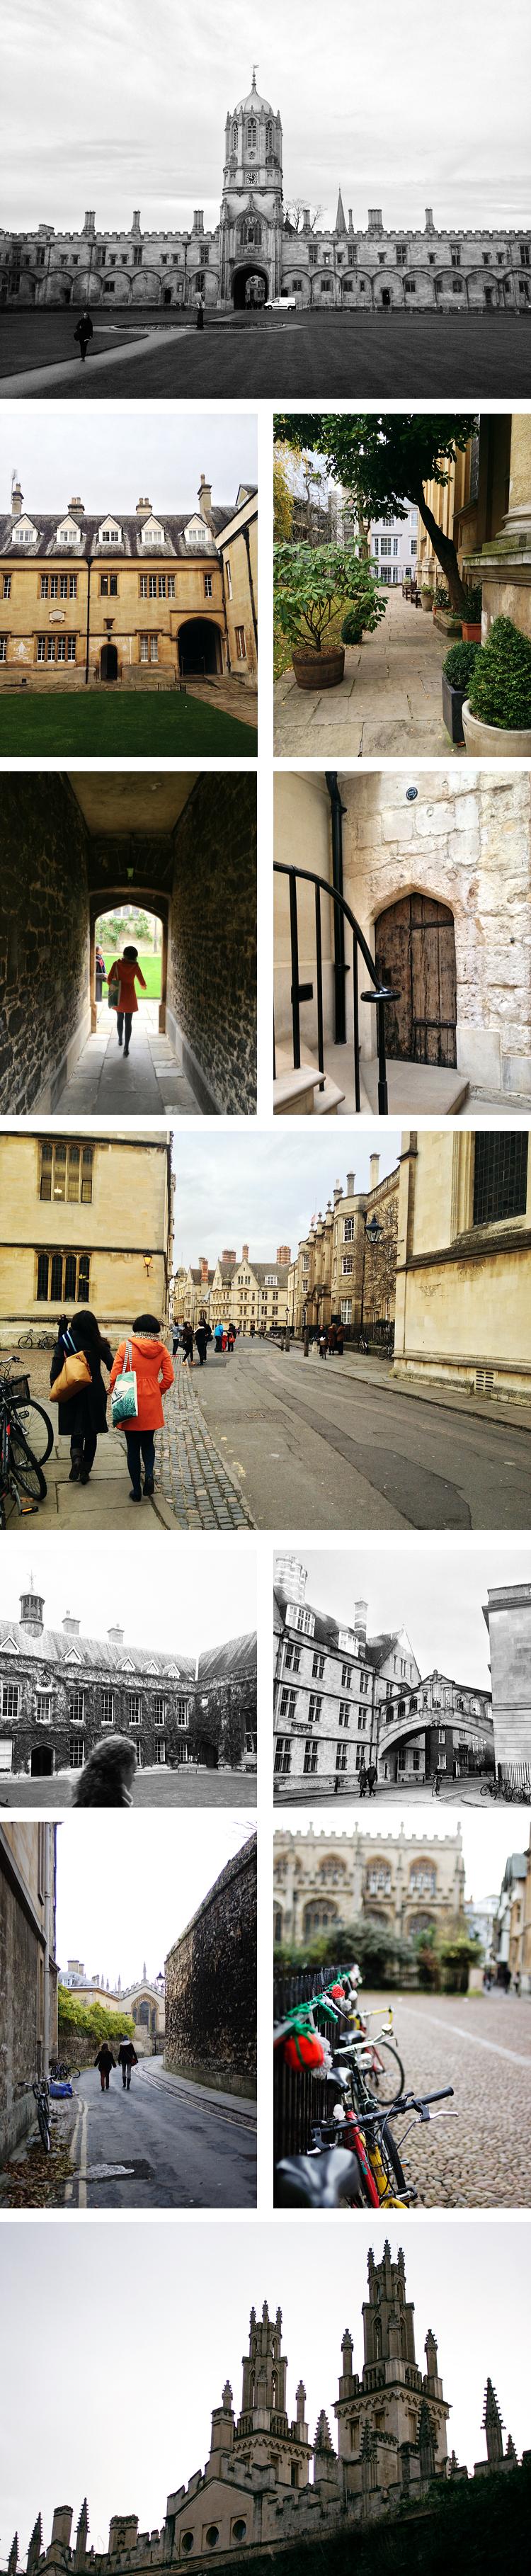 OxfordBuilding